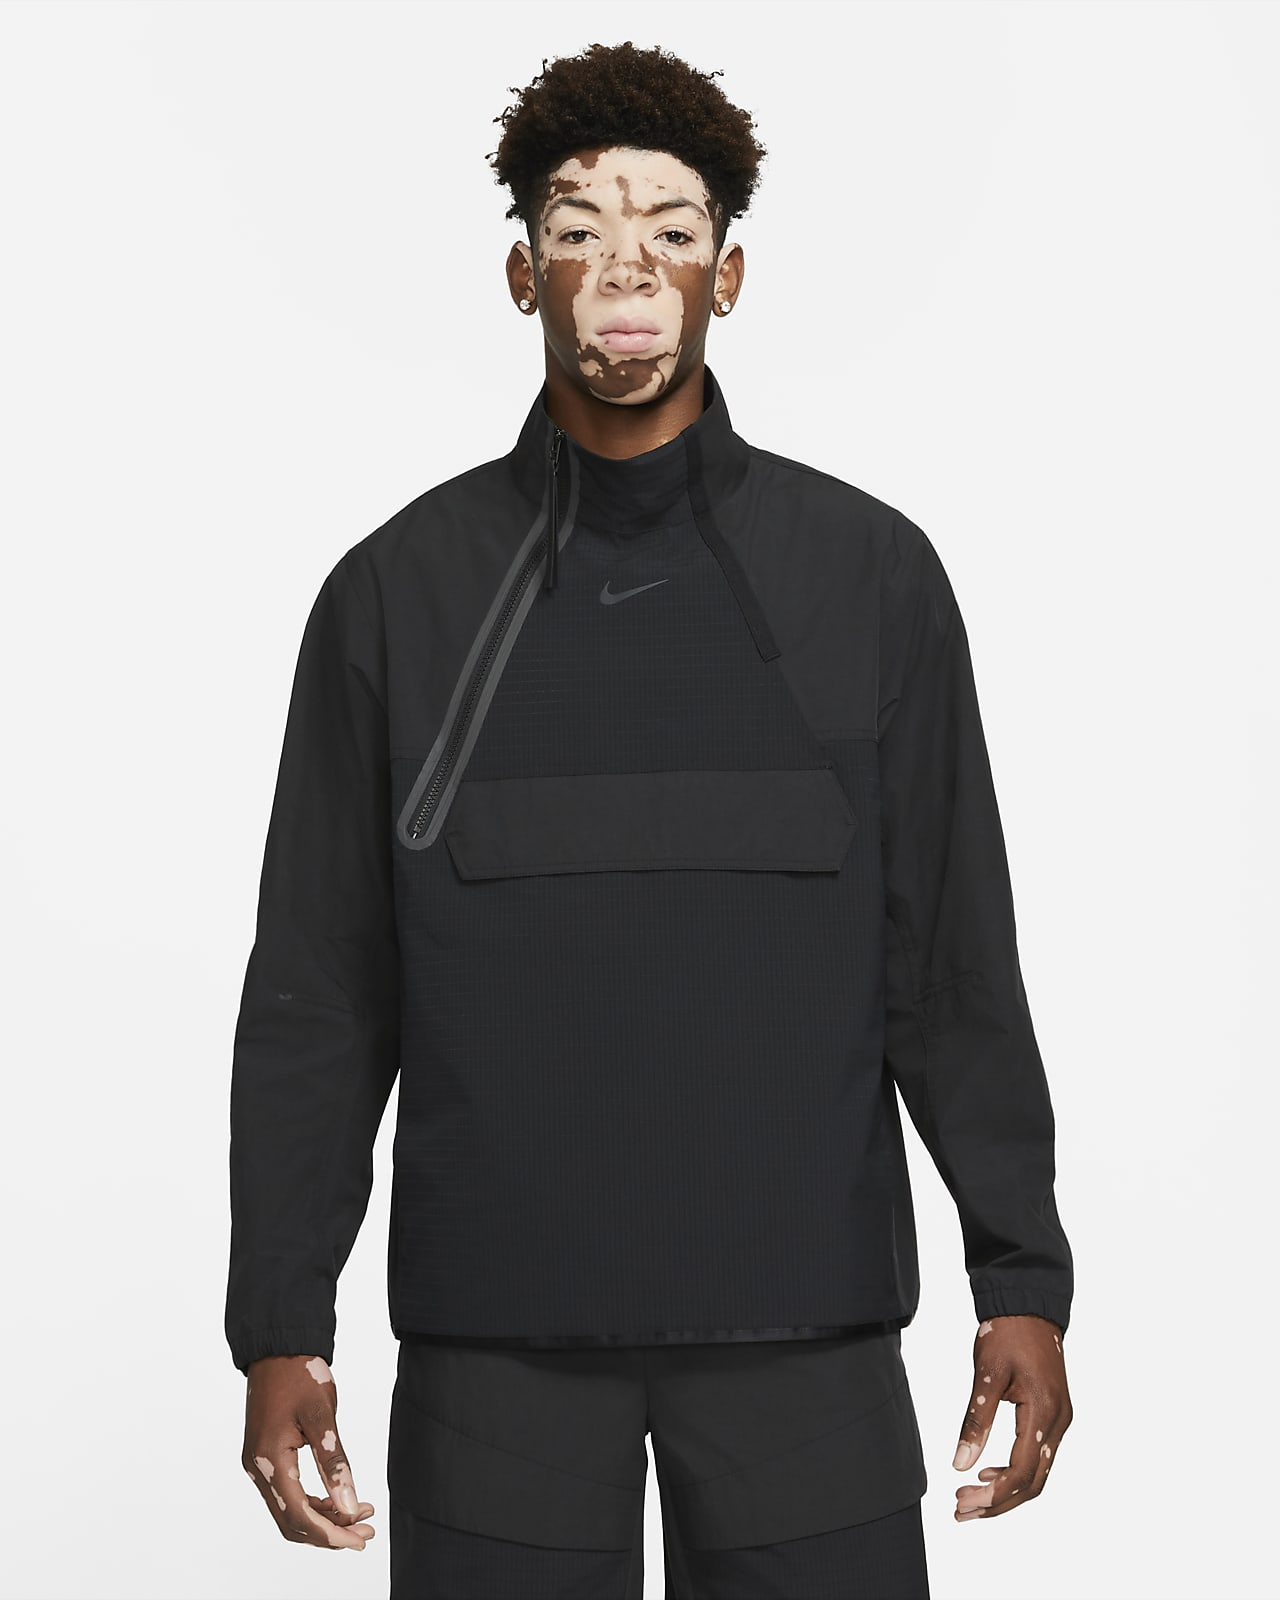 Nike Sportswear Tech Pack Men's Woven 1/2-Zip Jacket